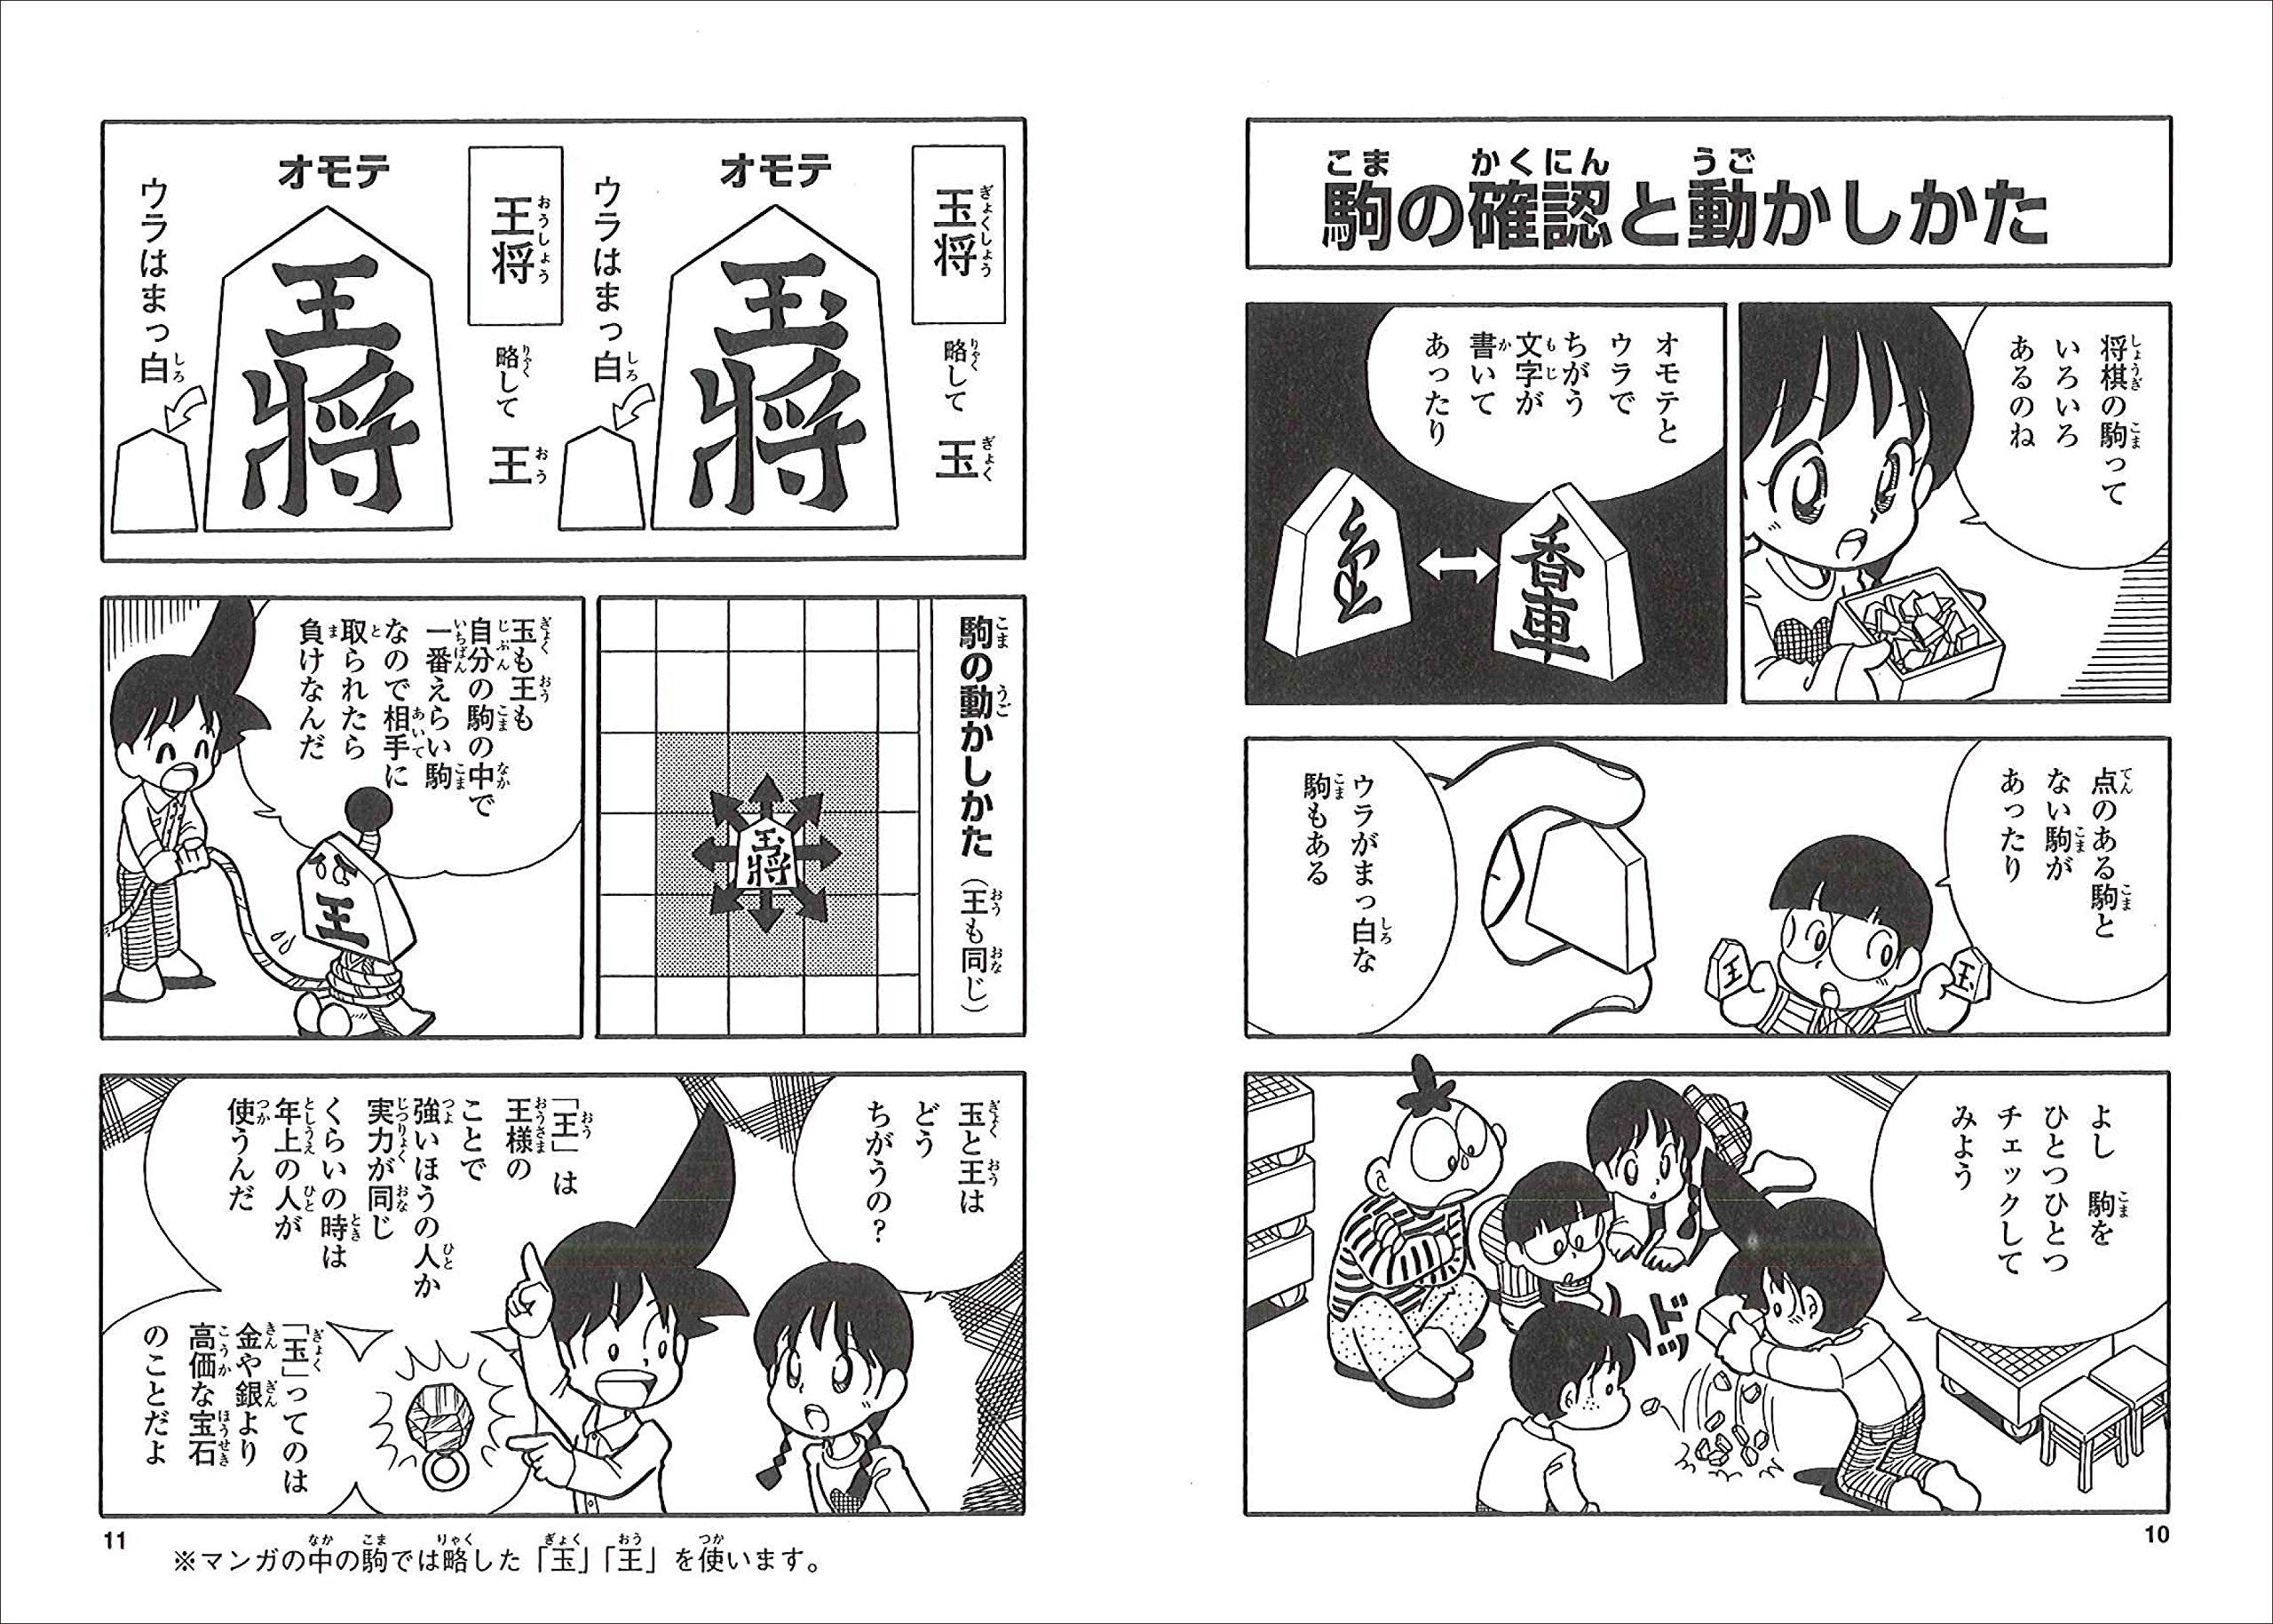 マンガ版 将棋入門:はじめてでもすぐ指せるようになる!!